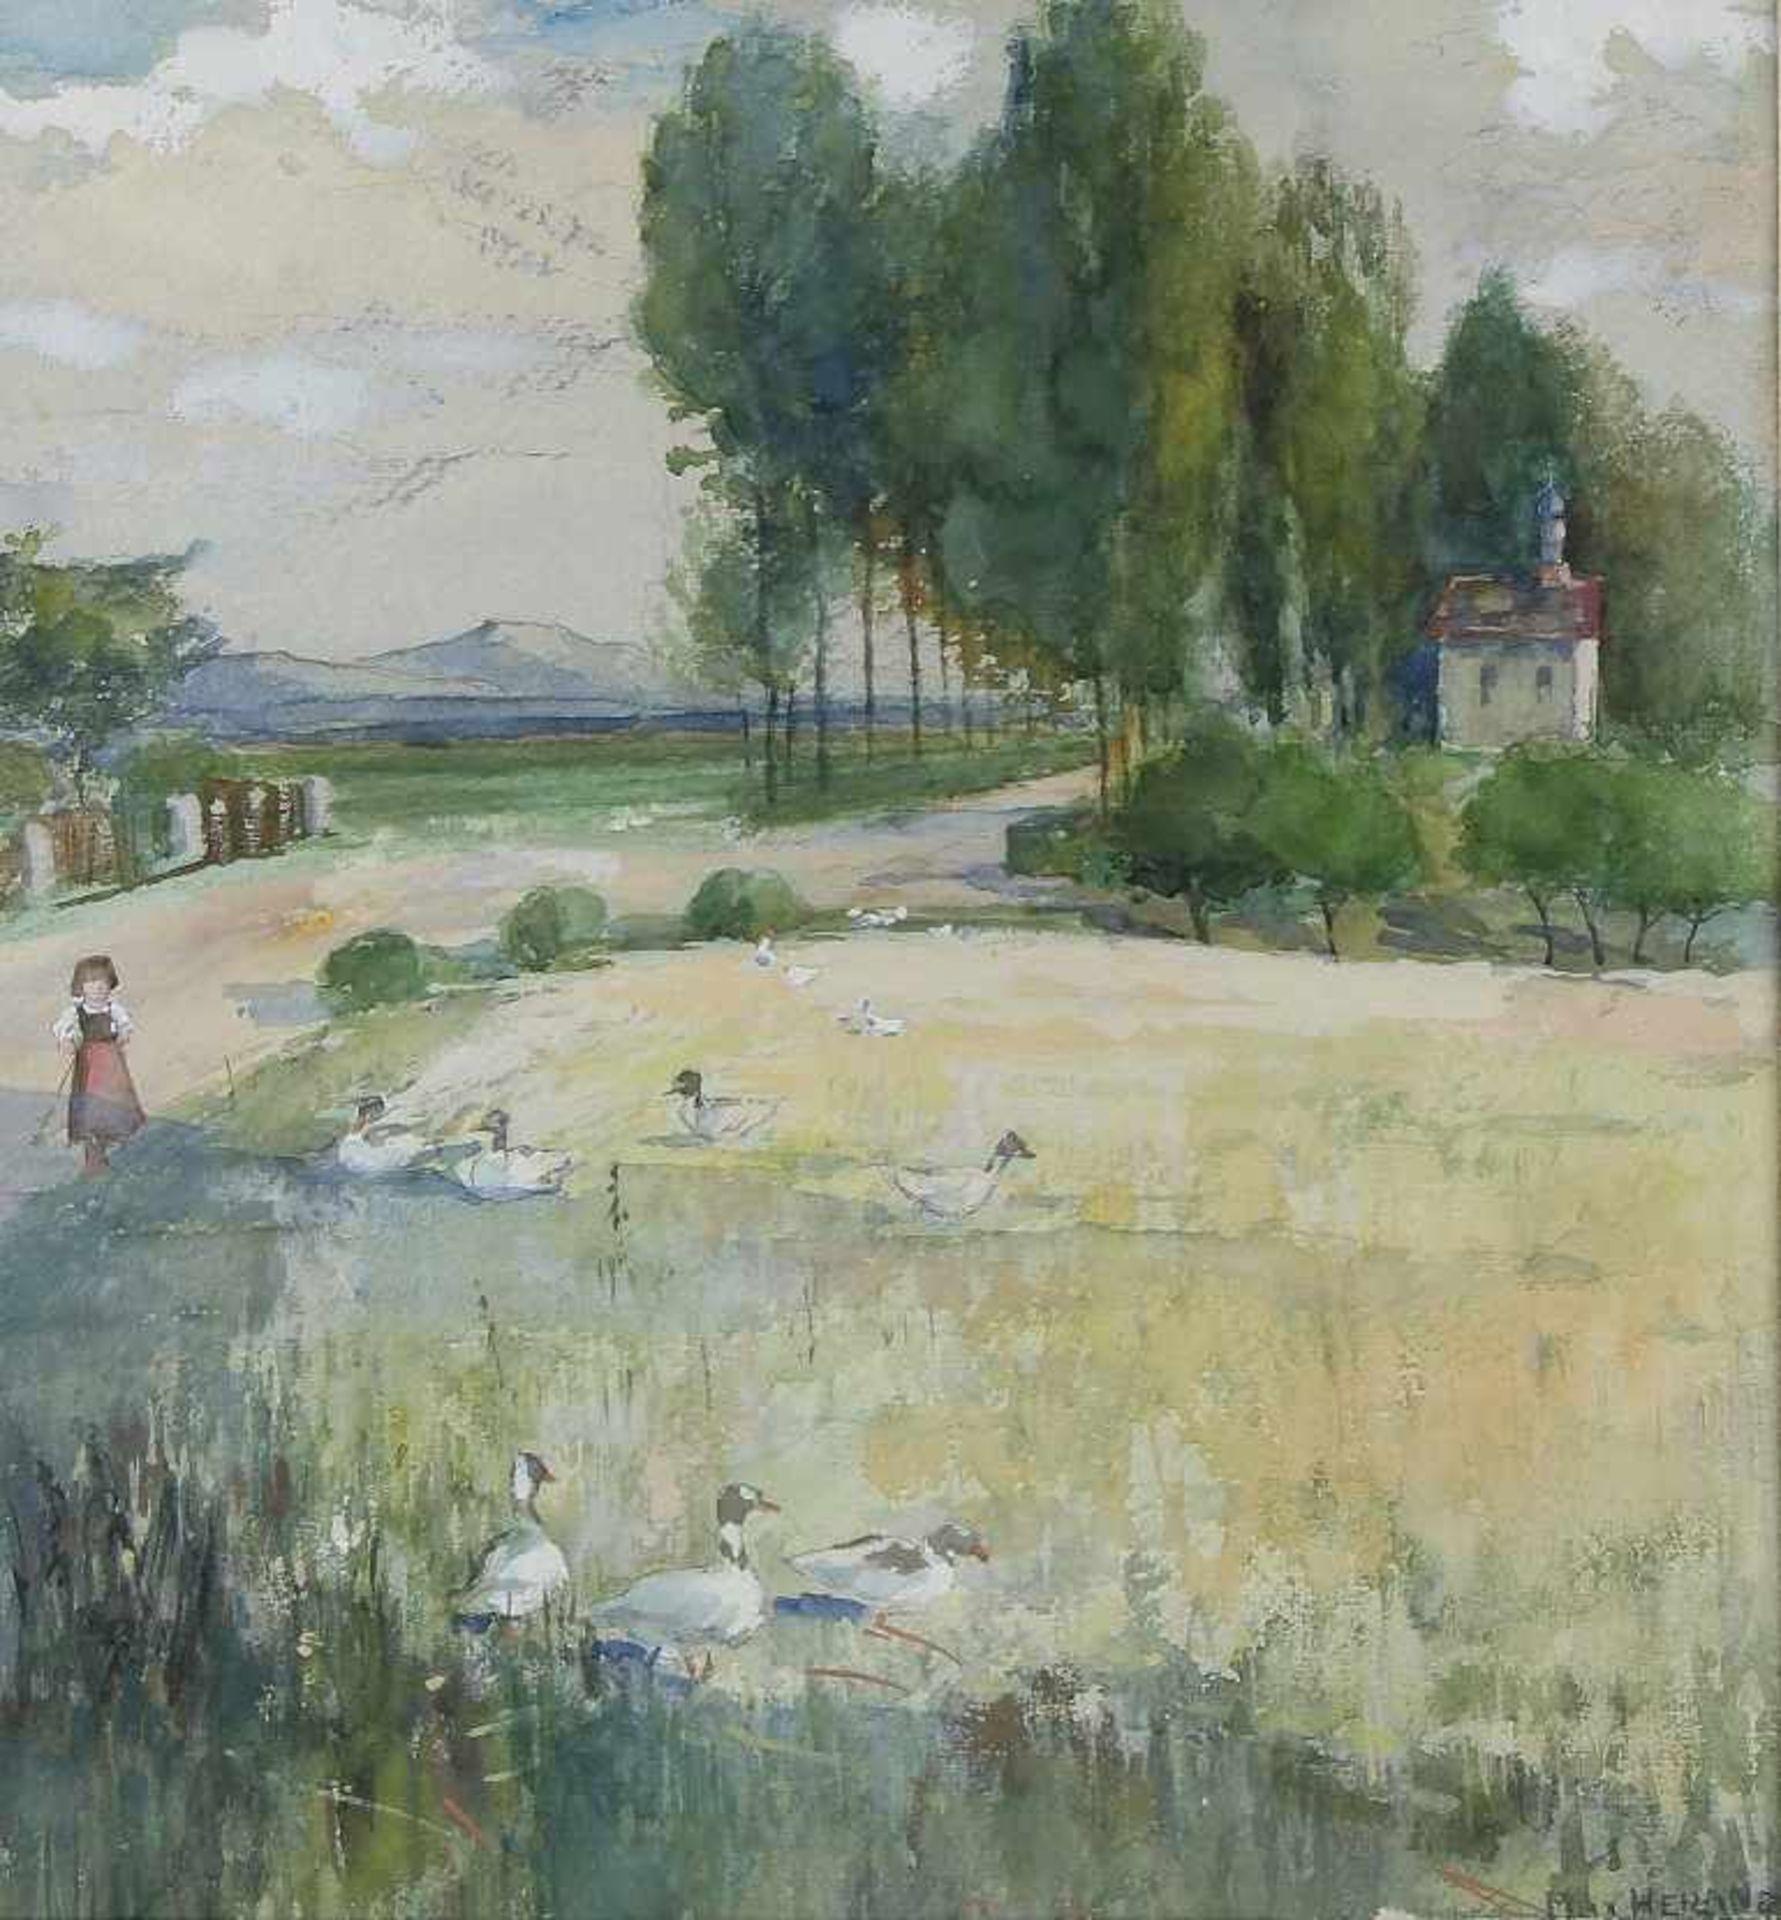 Heiland, Bernhard Robert Max (Leipzig 1862 - 1915 Leipzig)